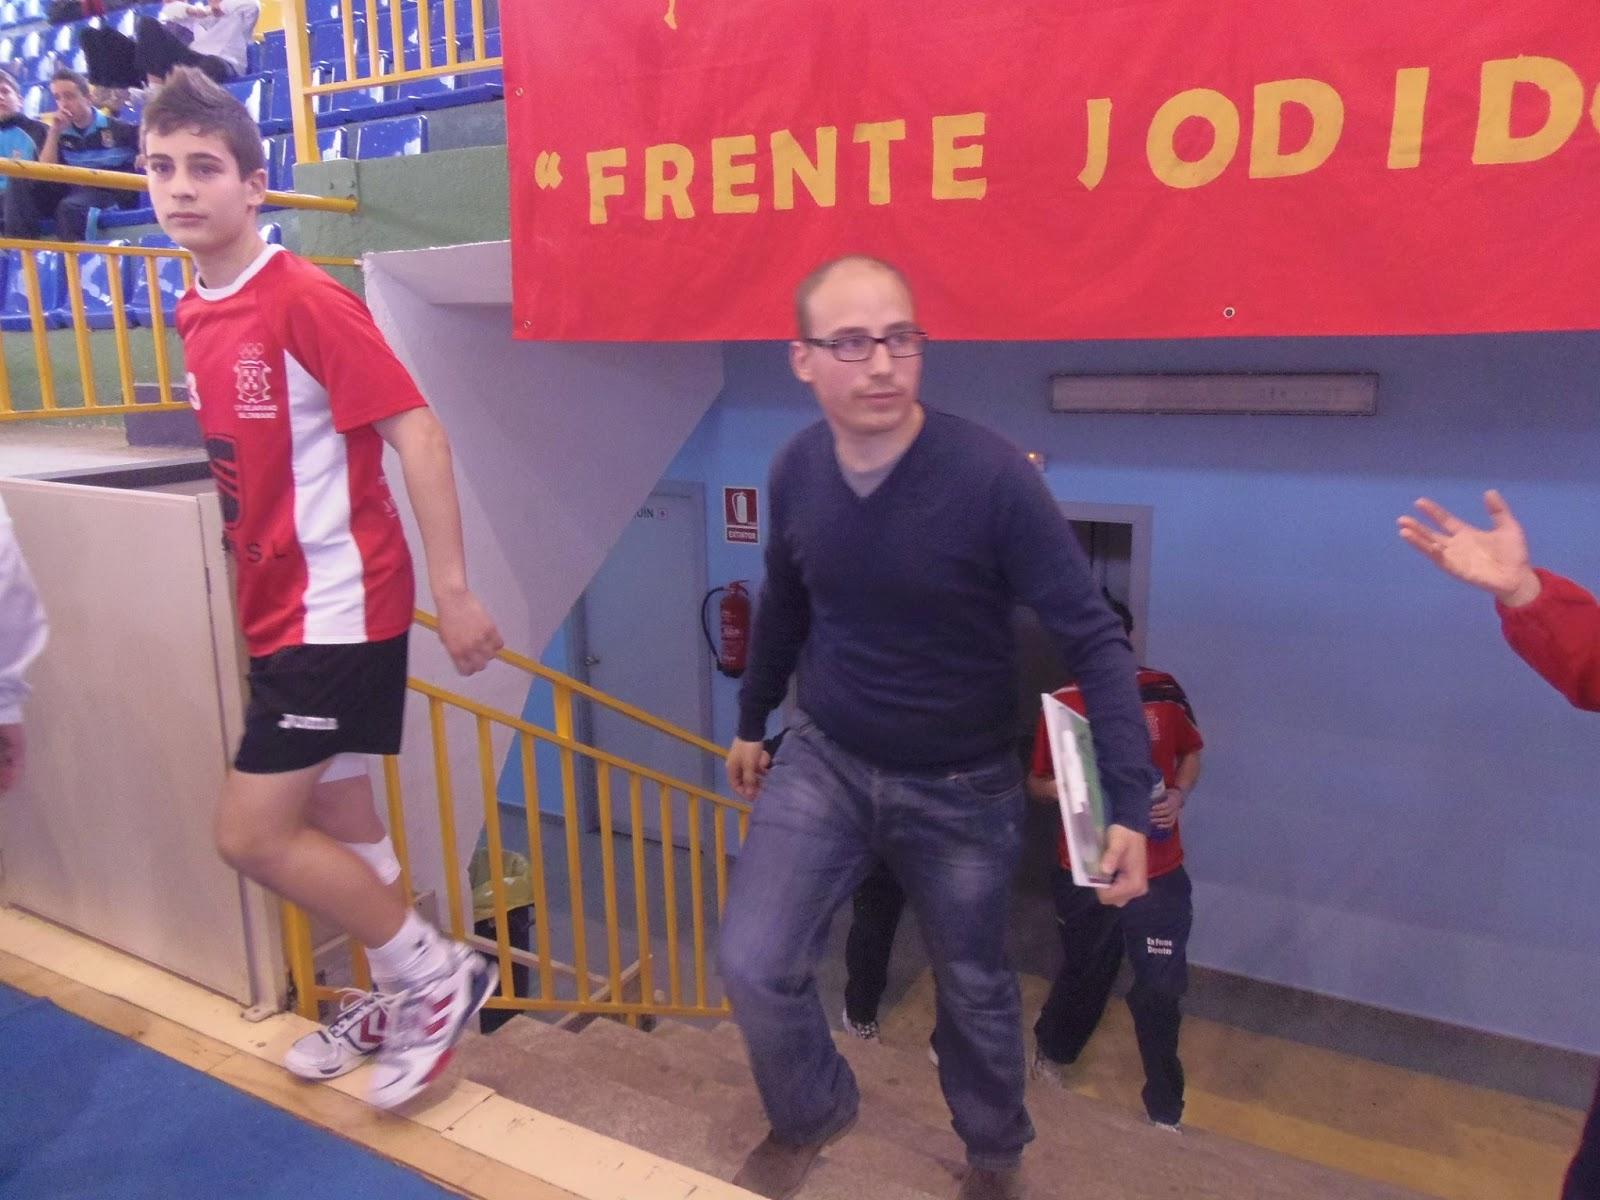 Carlos martin sale de vestuarios acompañando a jugadores